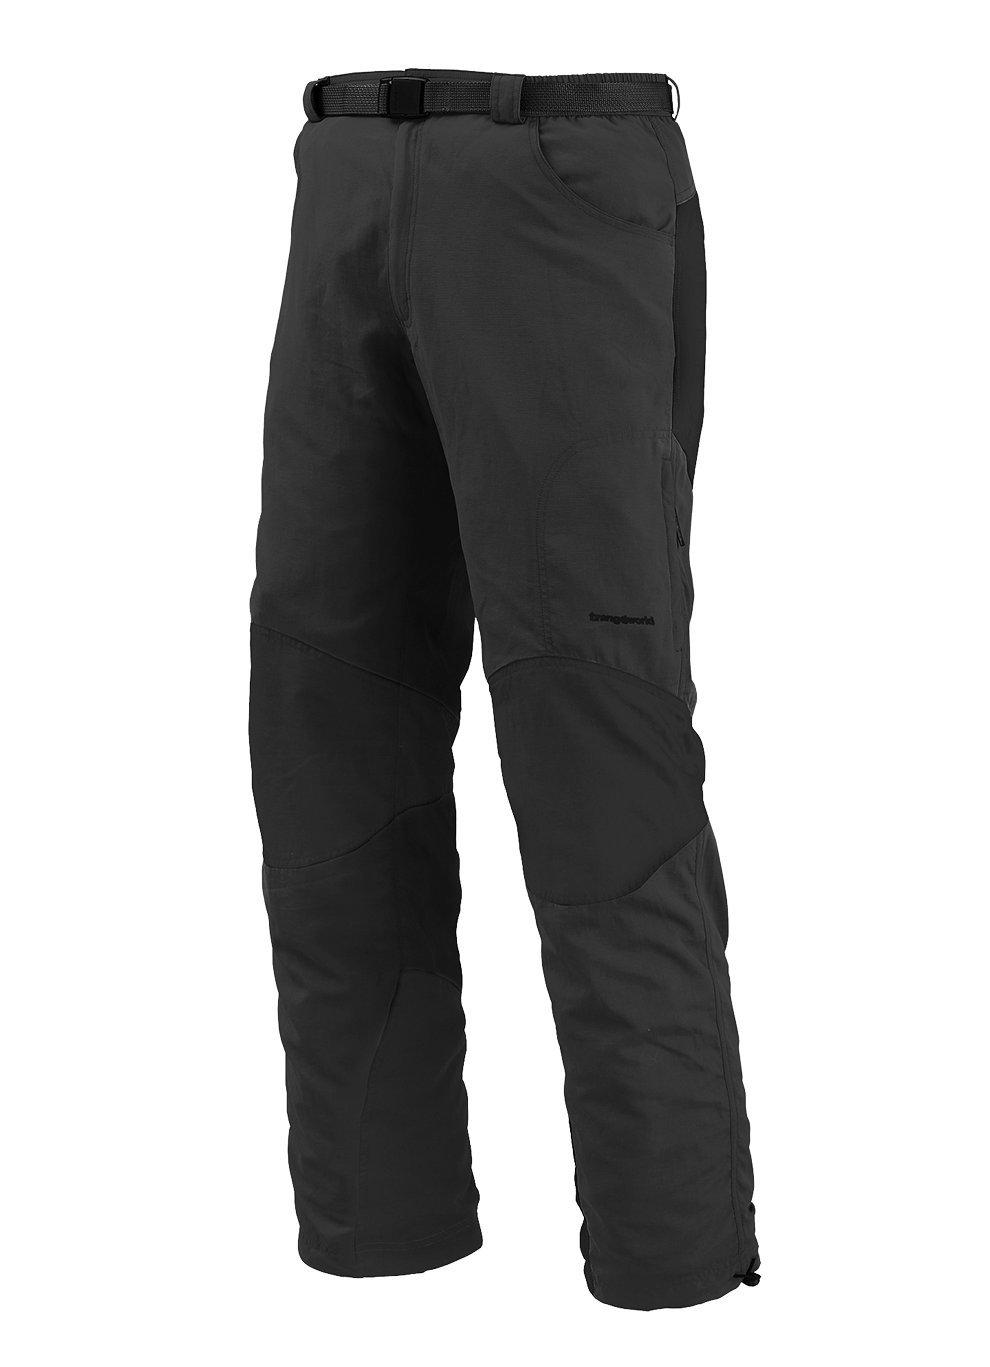 TRANGO PC008016 Pantalones, Hombre, marrón Oscuro, 2X